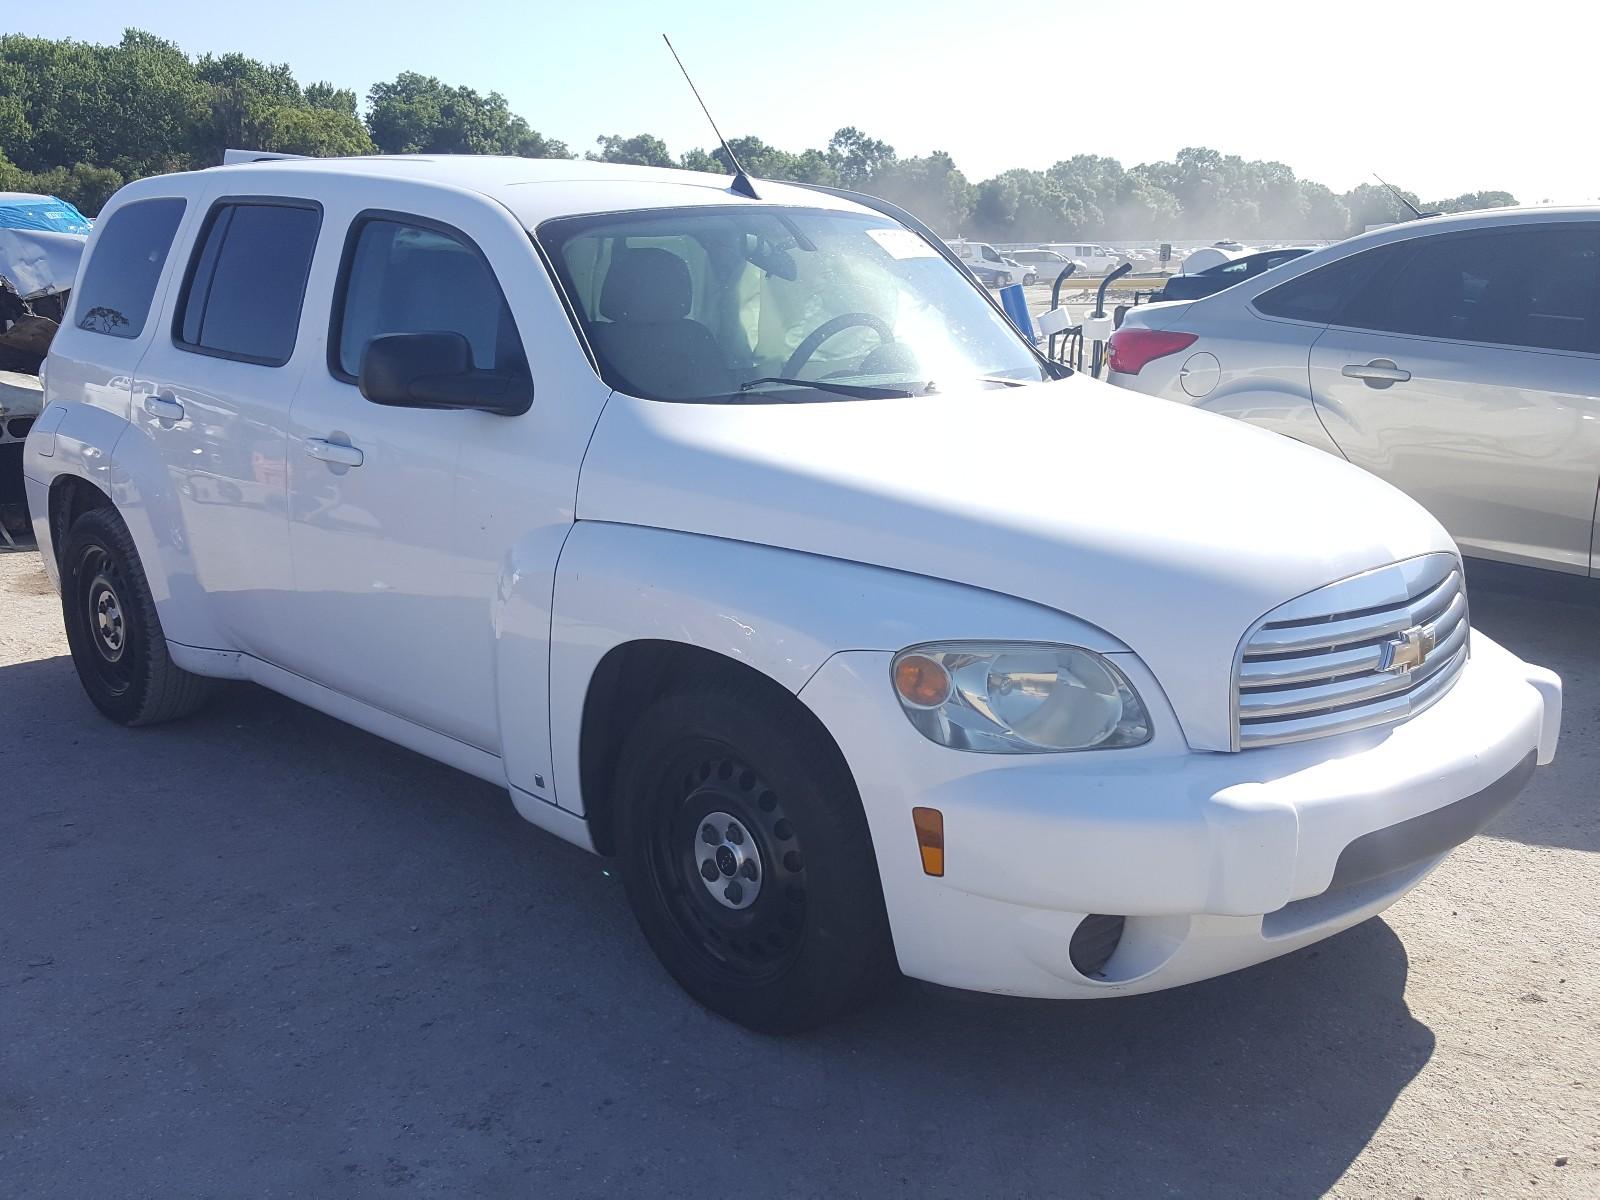 2010 Chevrolet Hhr Ls For Sale At Copart Riverview Fl Lot